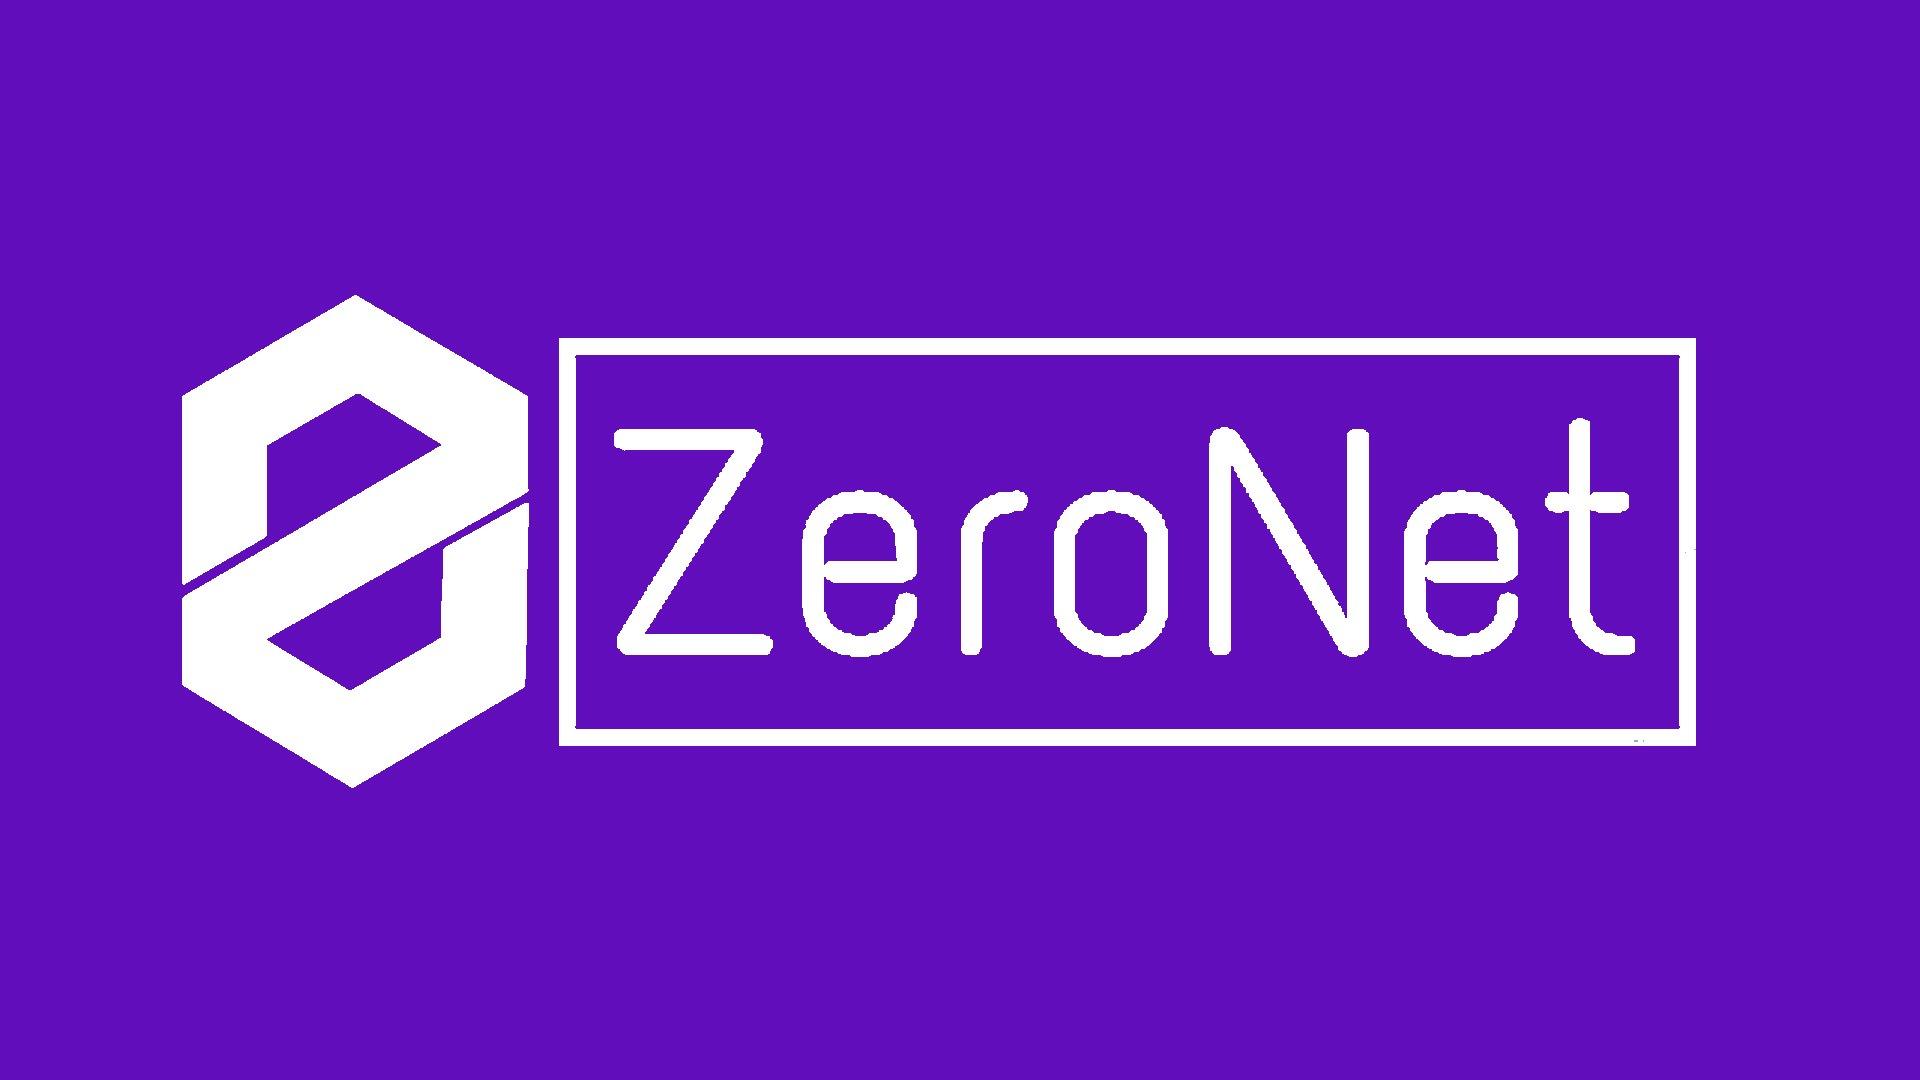 zeronet-logo